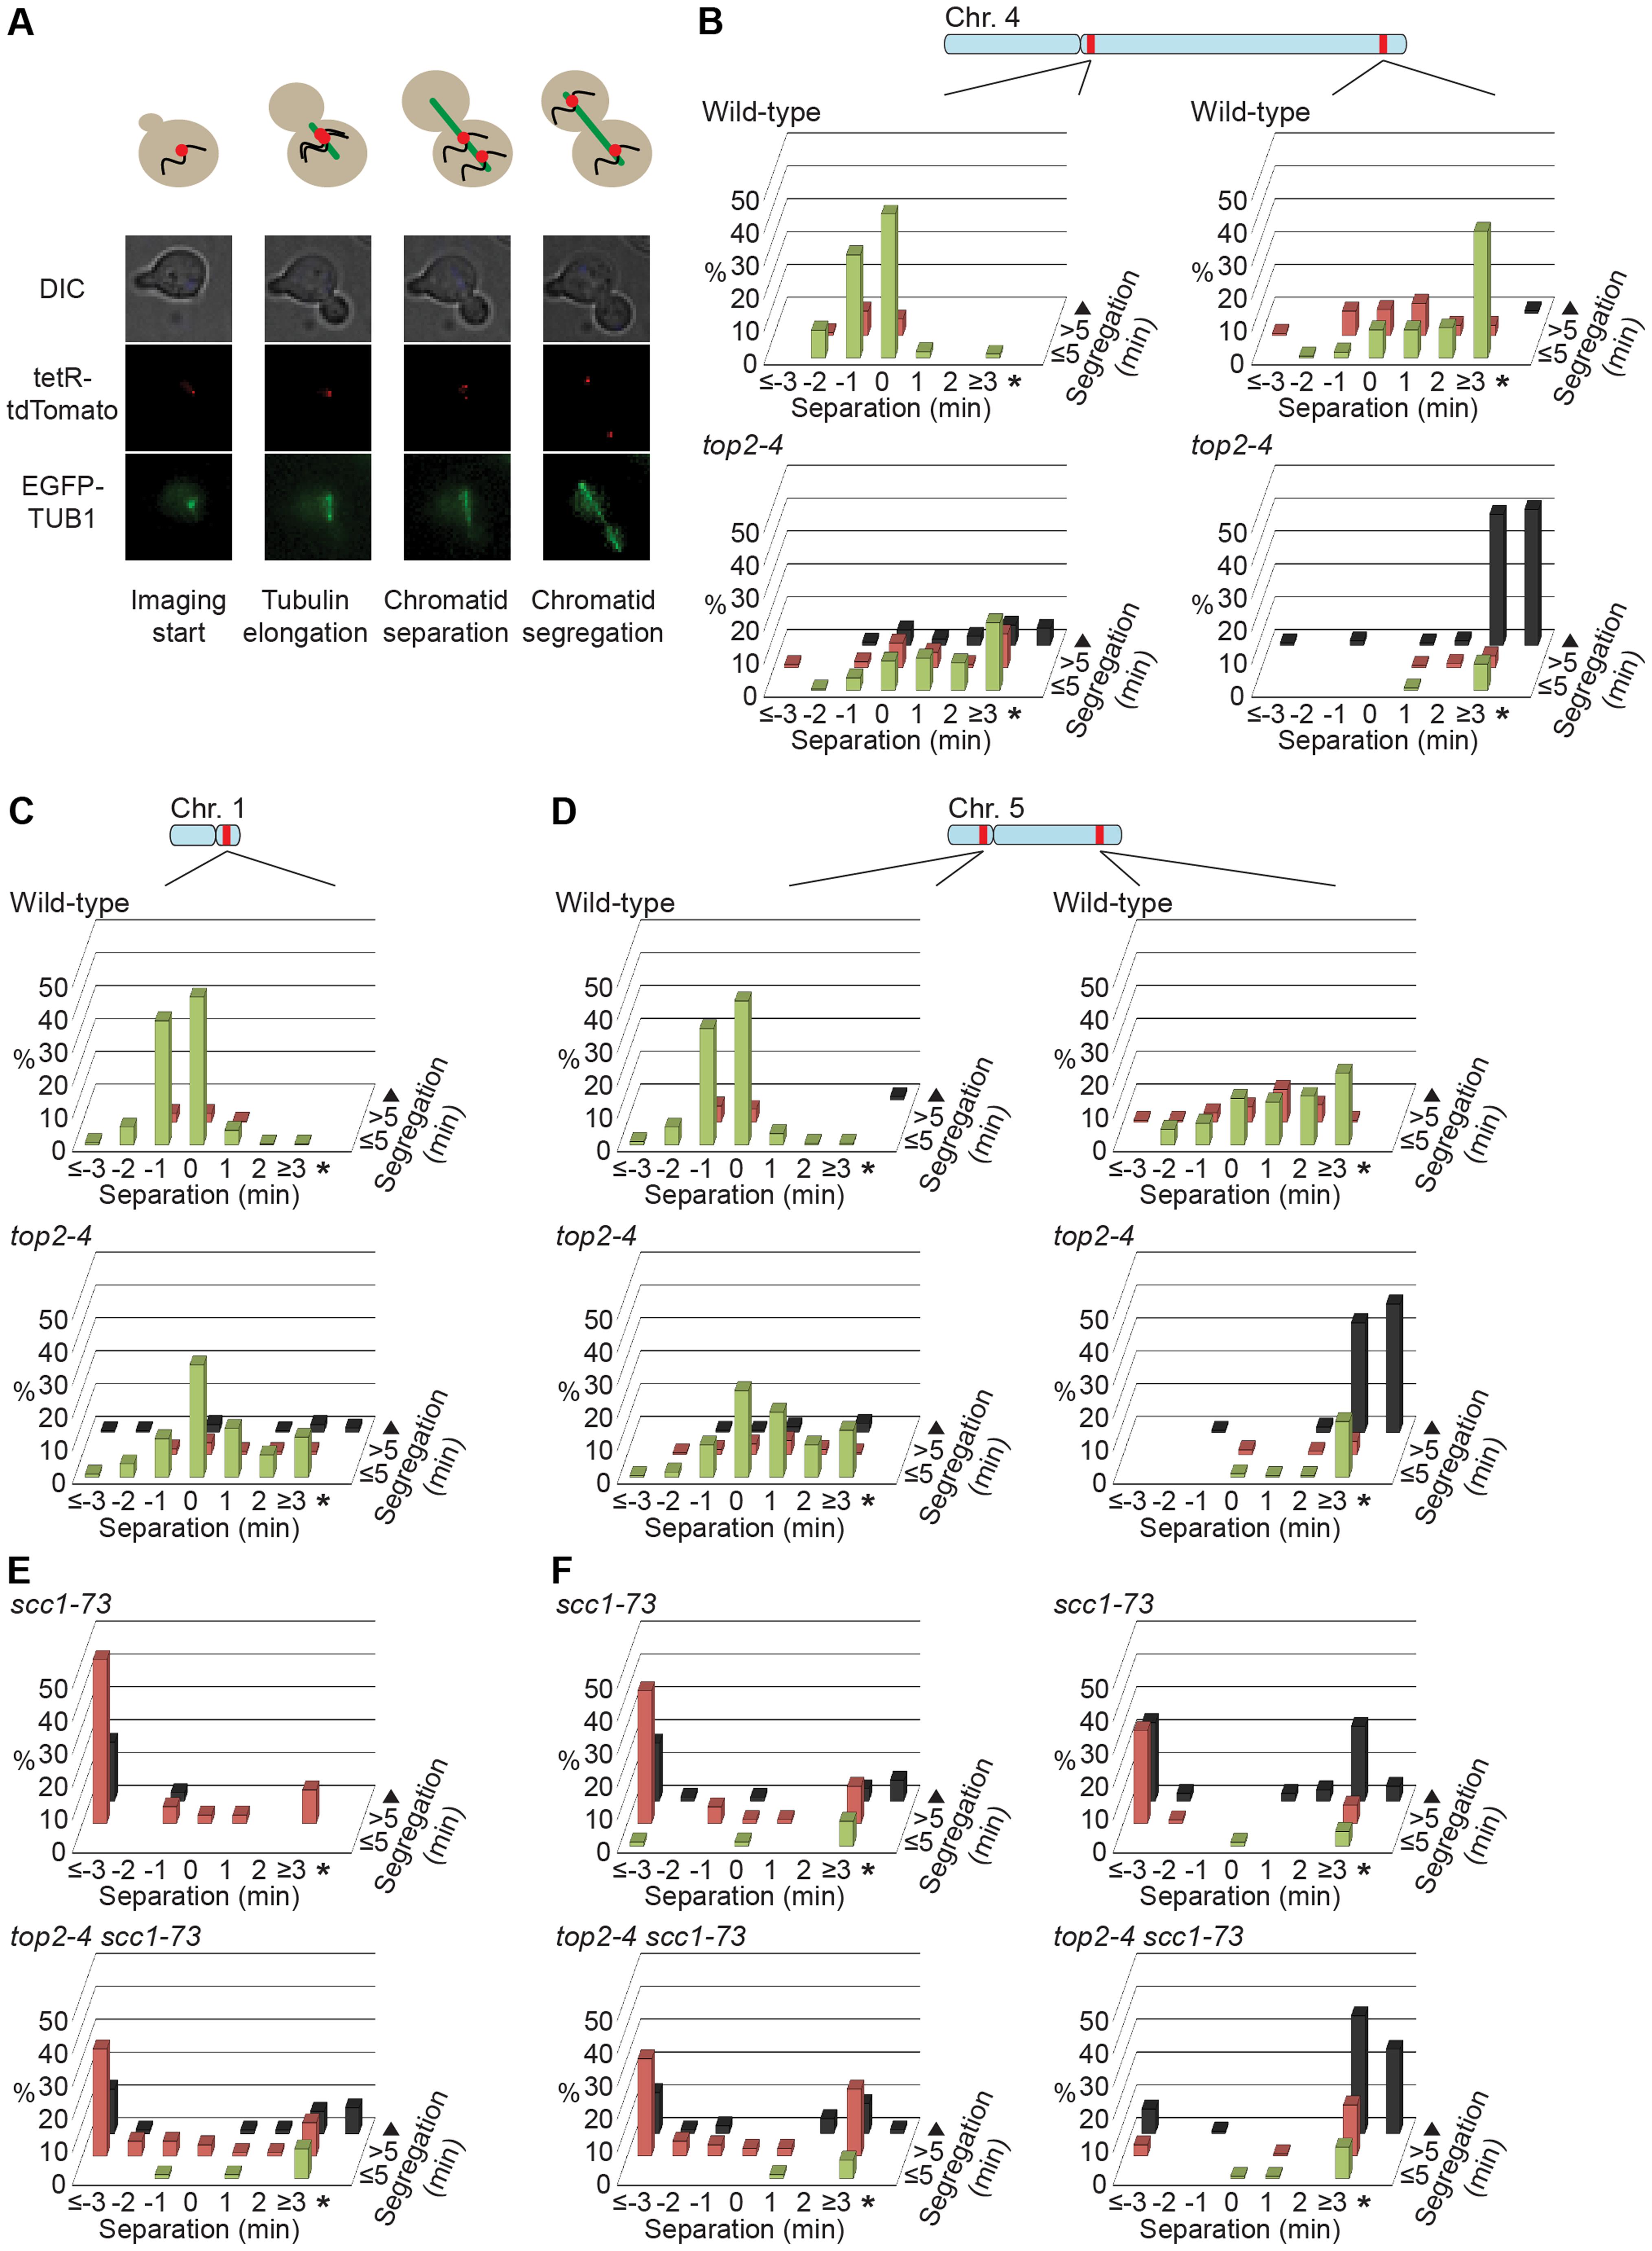 Chromosome segregation in wild-type, <i>top2-4</i>, <i>scc1-73</i> and <i>top2-4 scc1-73</i> cells.